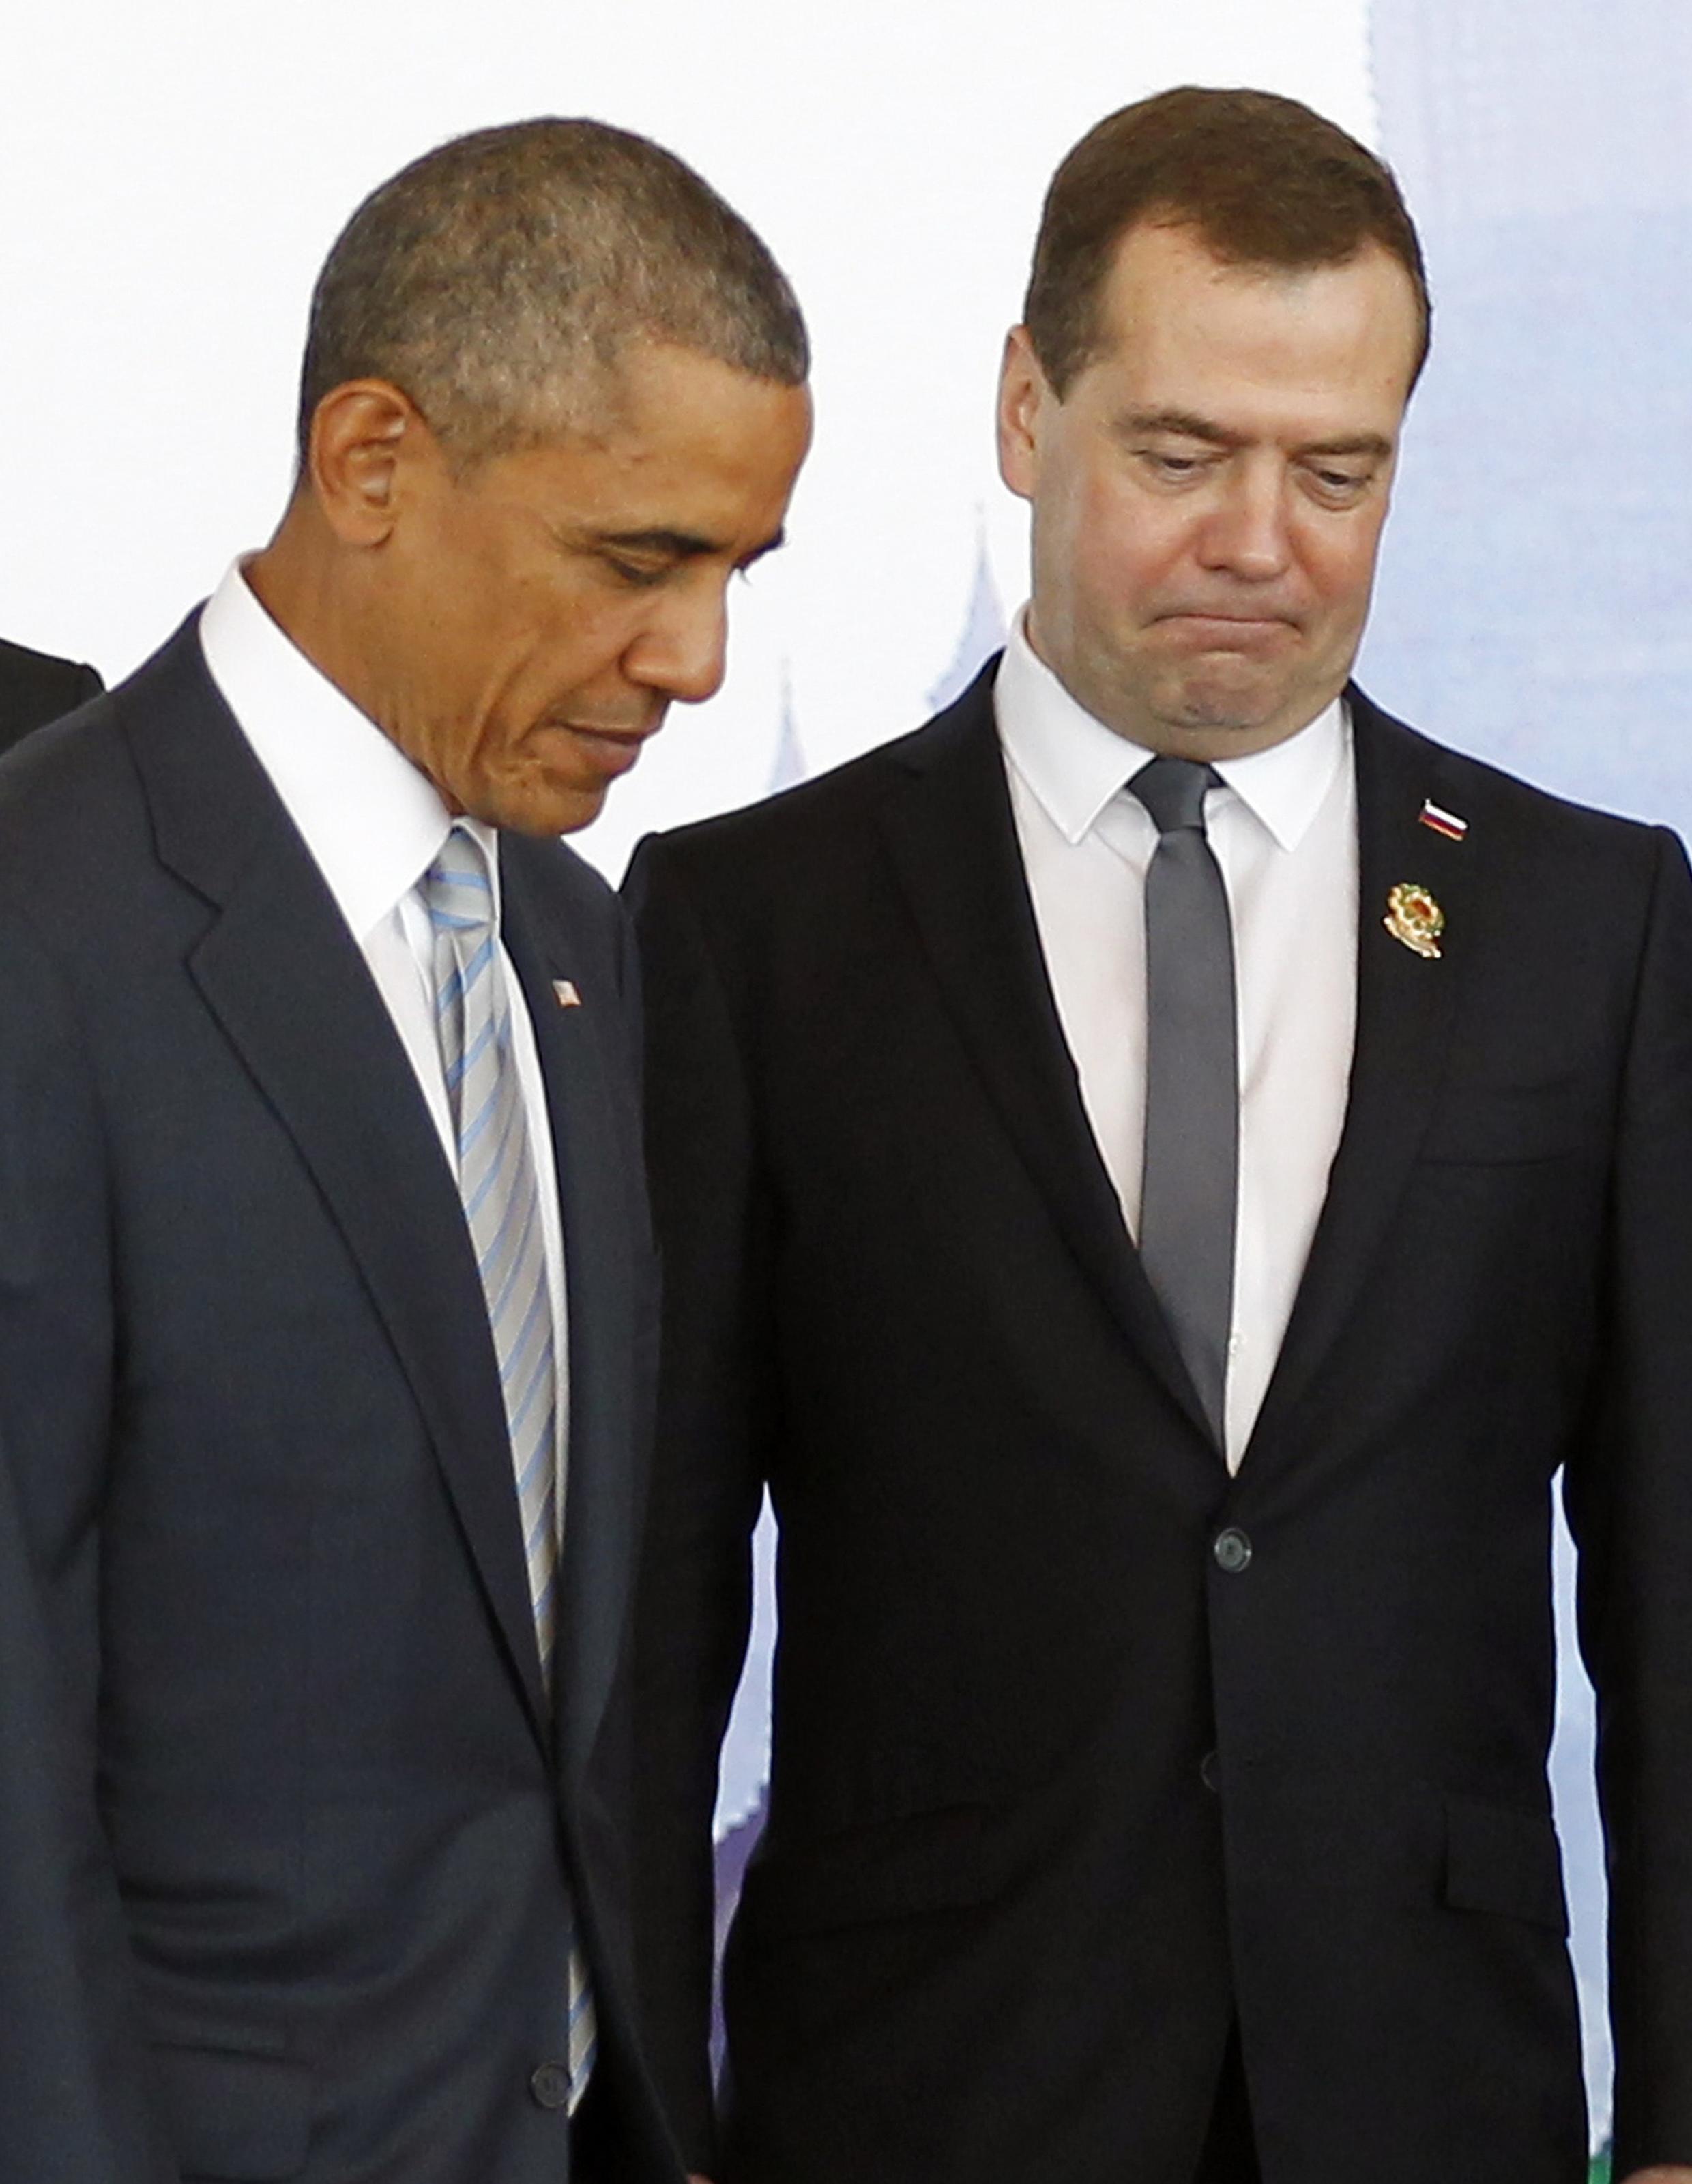 O primeiro-ministro russo, Dmitri Medvedev com o presidente dos Estados Unidos, Barack Obama, durante a cúpula ASEAN. 13/11/14